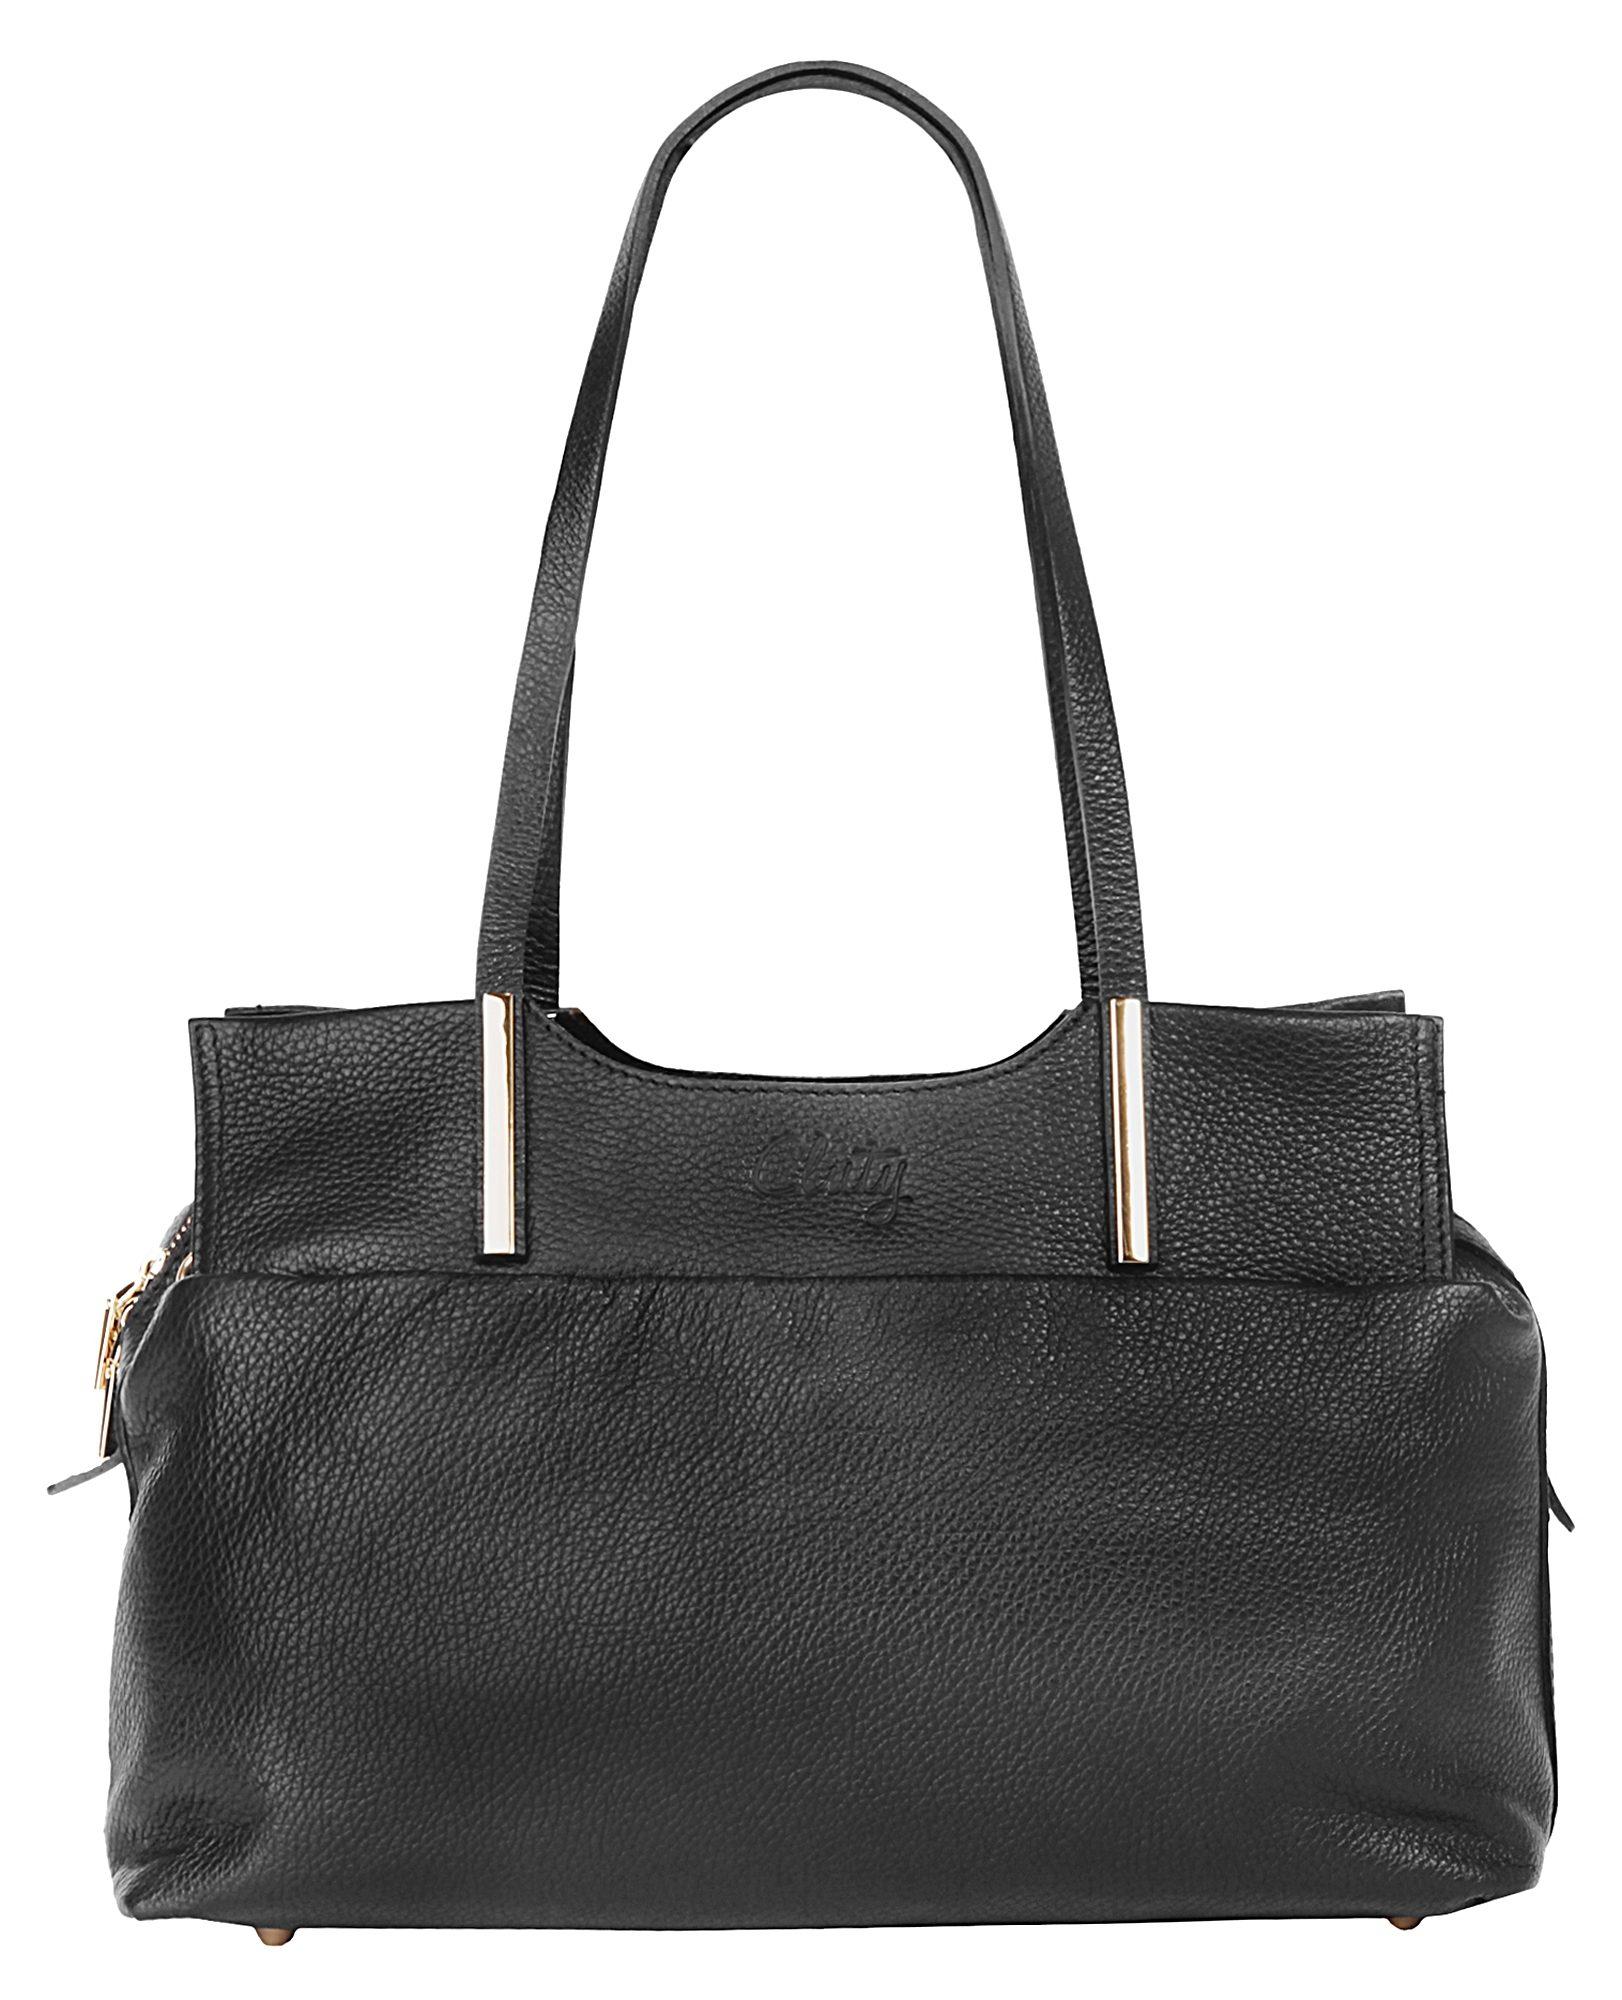 Cluty Leder Damen Handtasche mit goldfarbenen Beschlägen